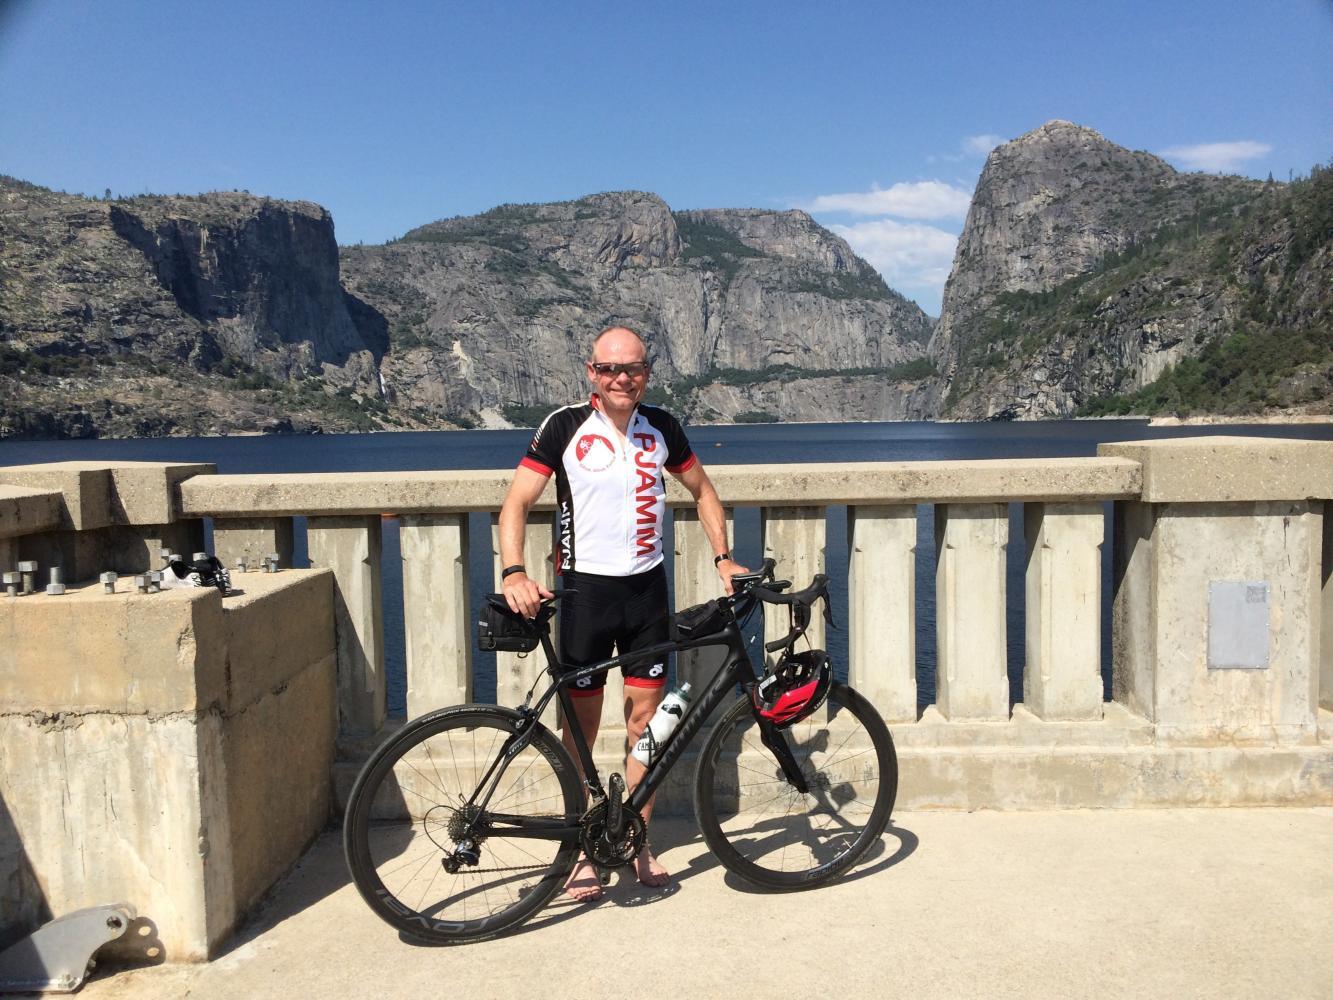 Hetch Hetchy Dam Climb Bike Climb - PJAMM Cycling